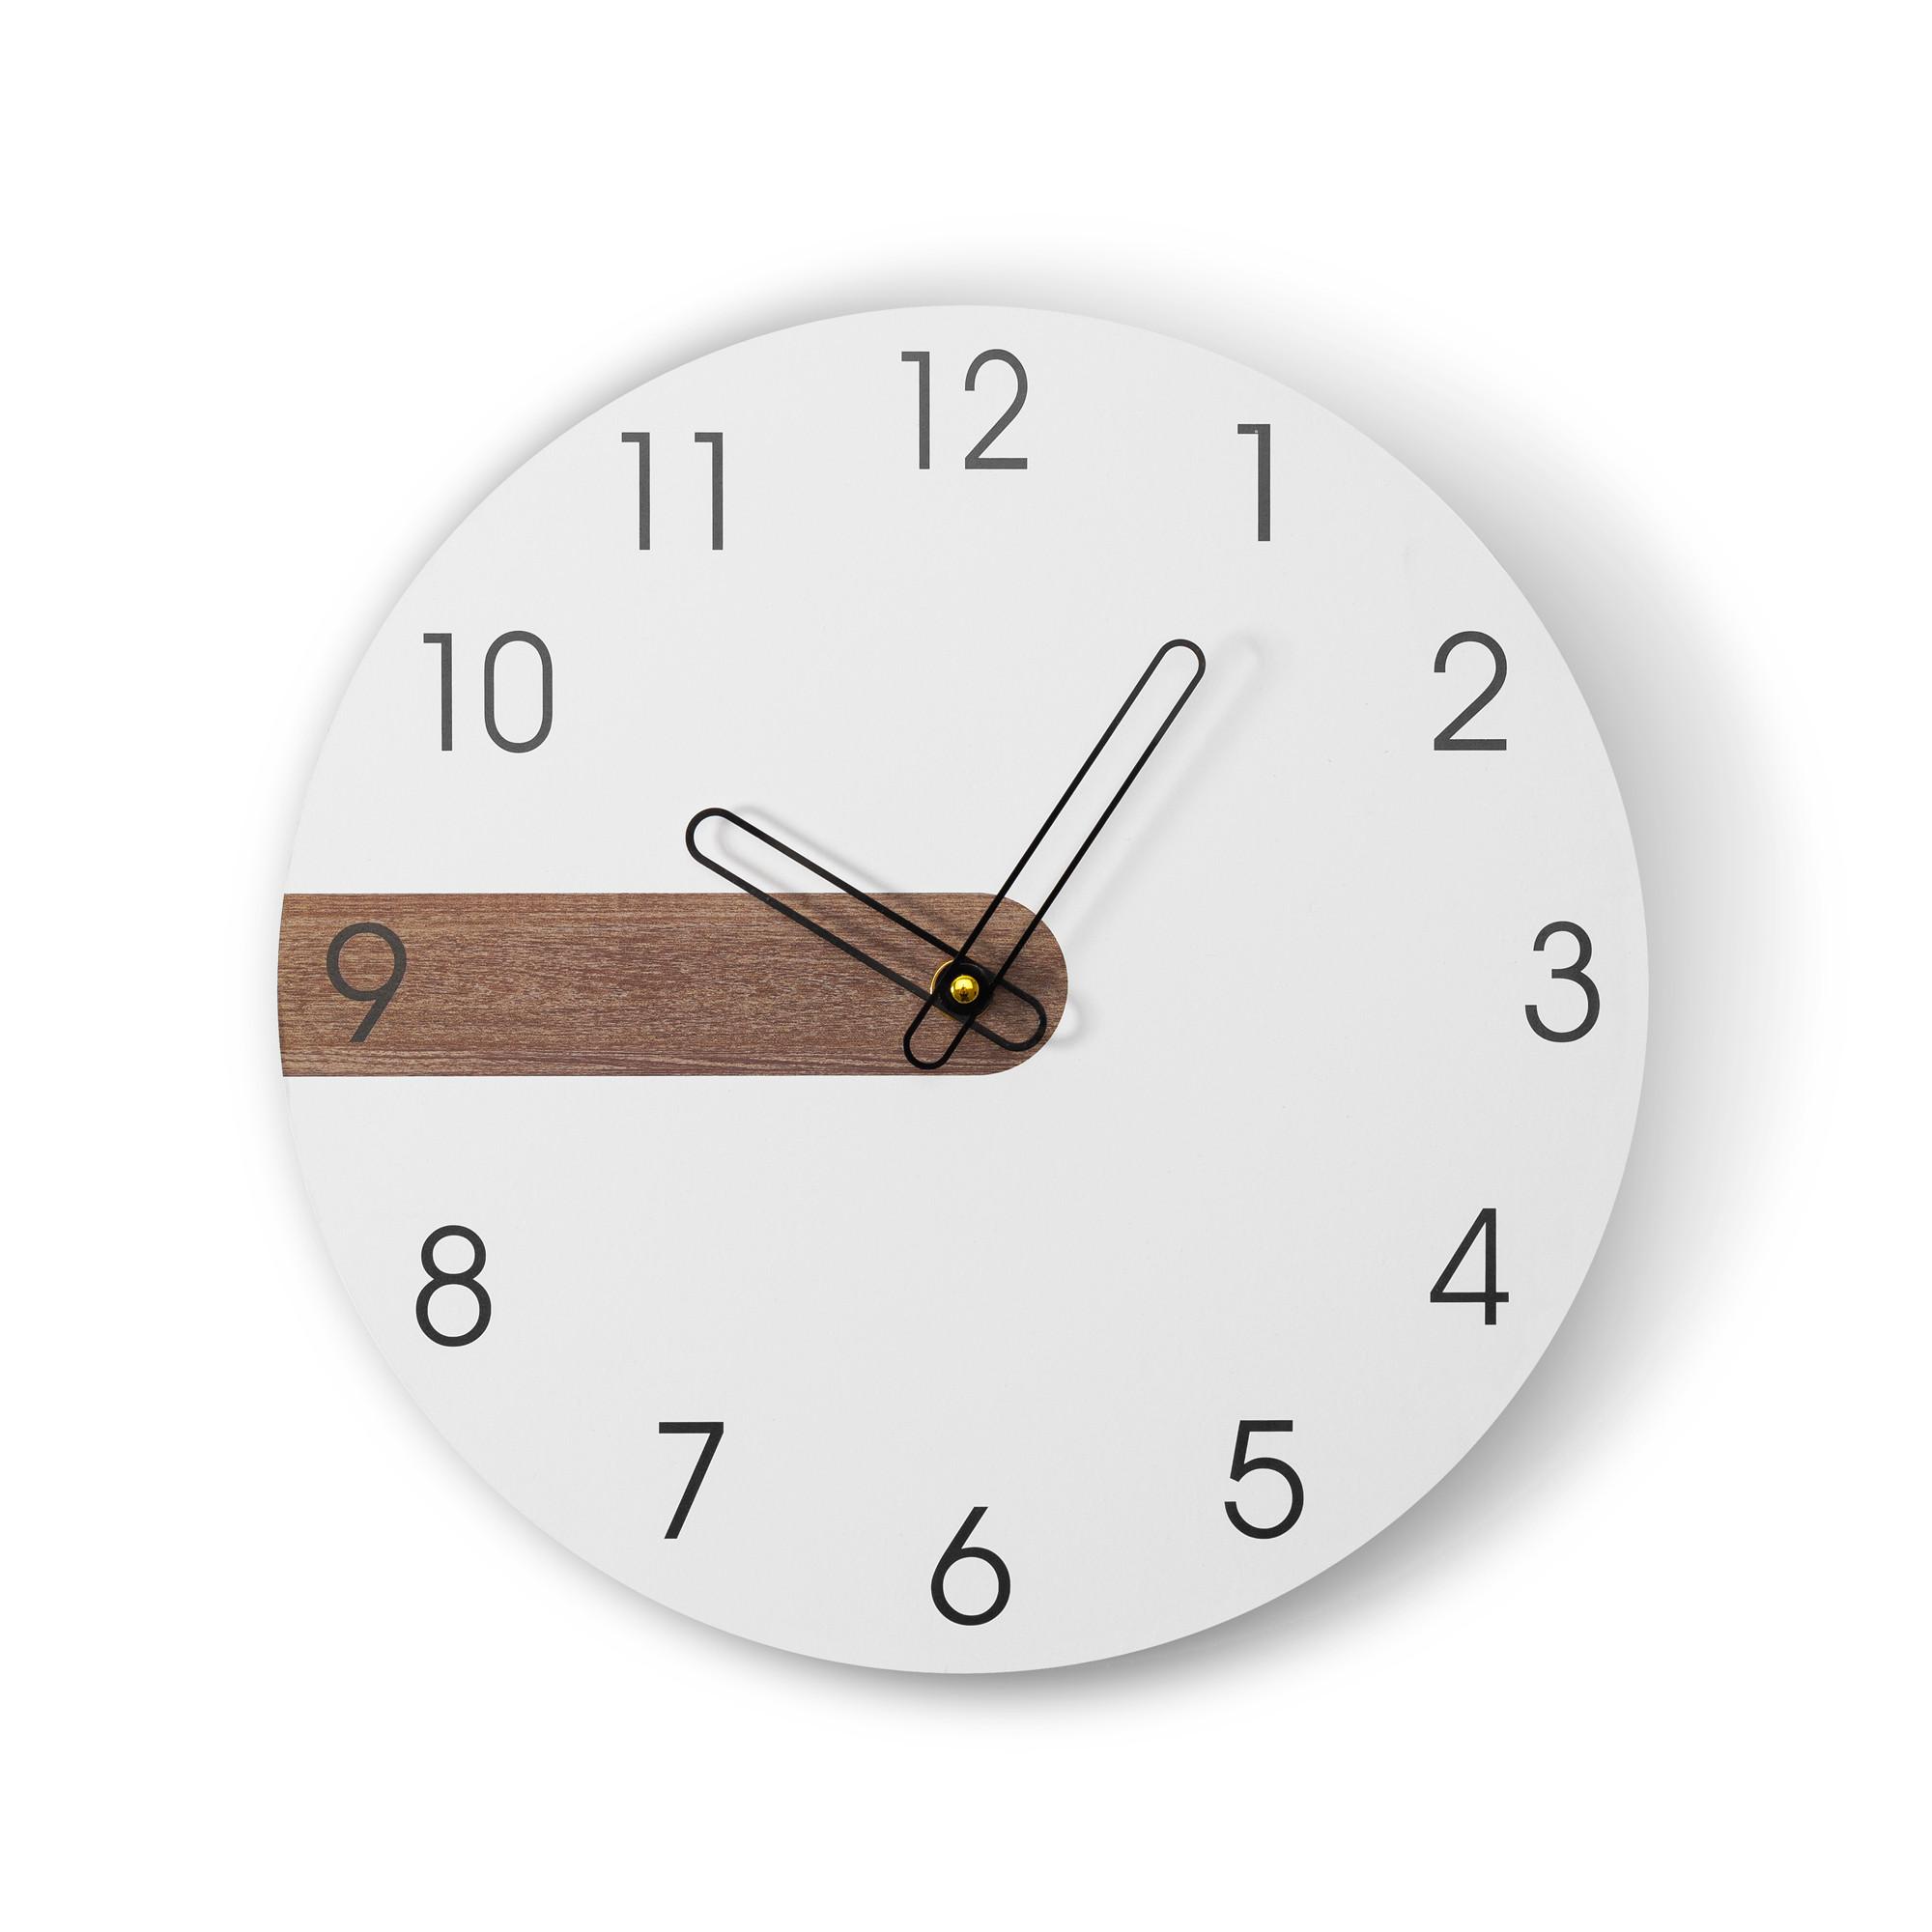 Bílé designové nástěnné hodiny do obýváku